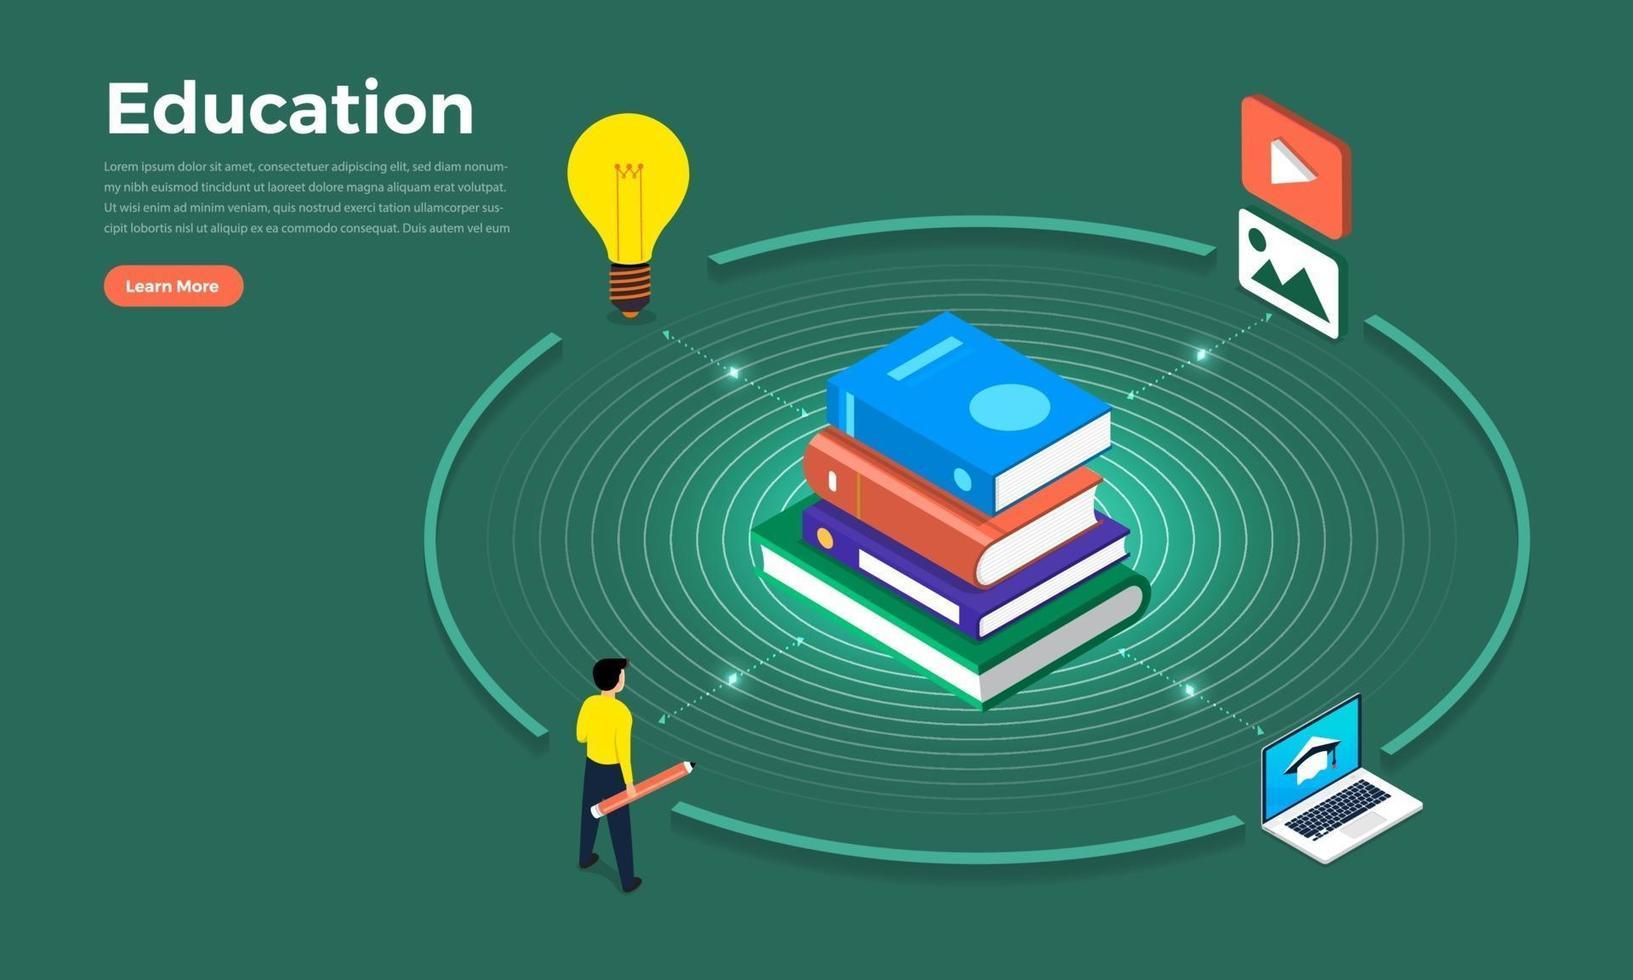 onderwijs concept illustraties vector